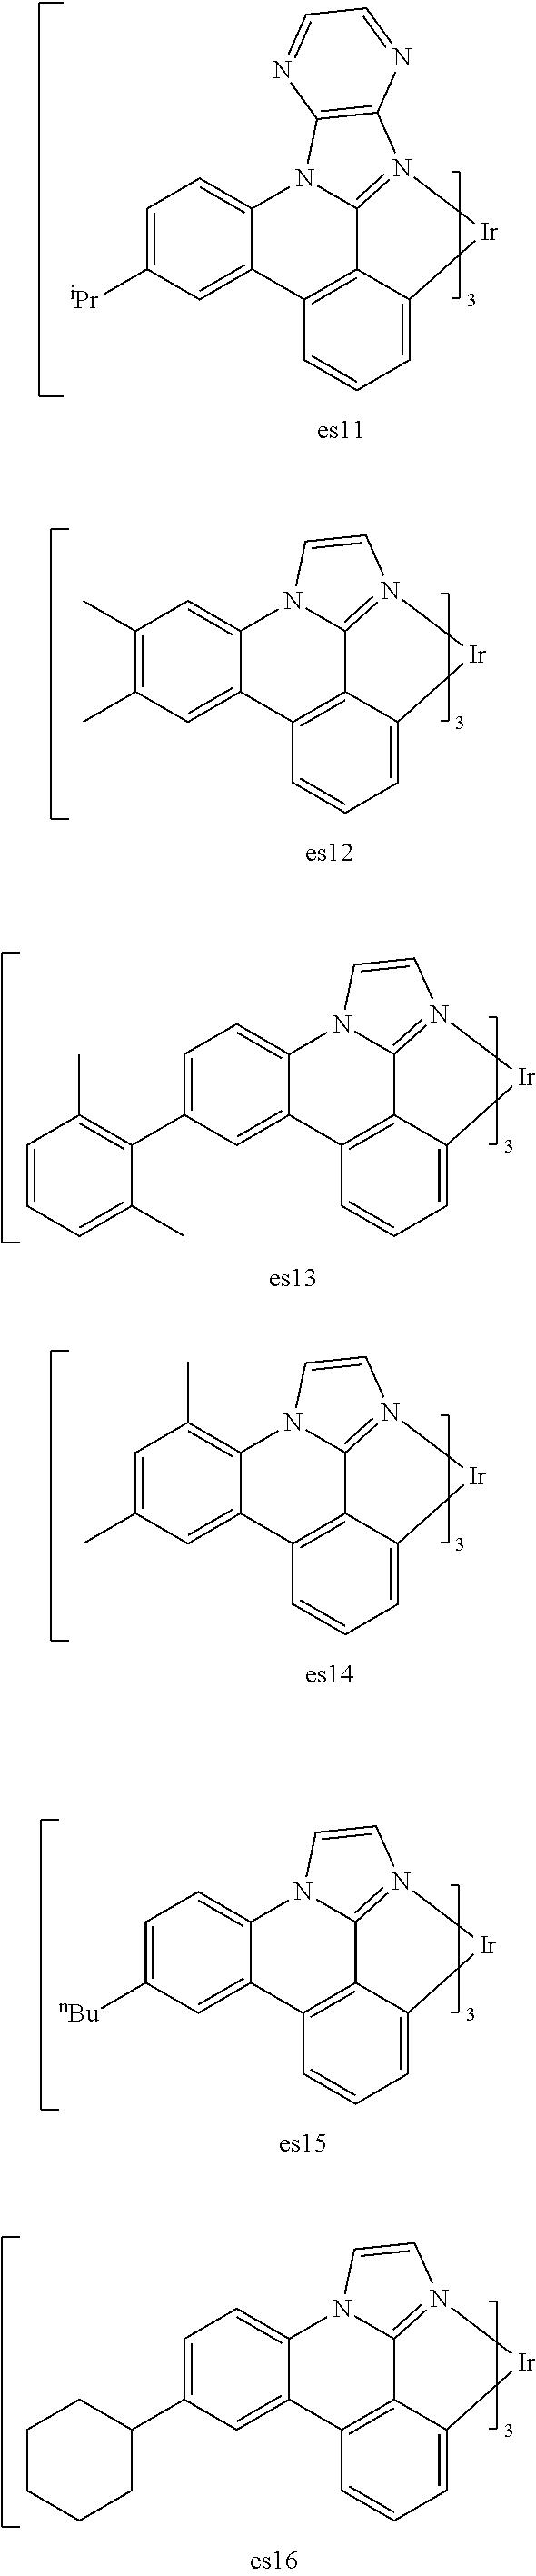 Figure US07915415-20110329-C00188